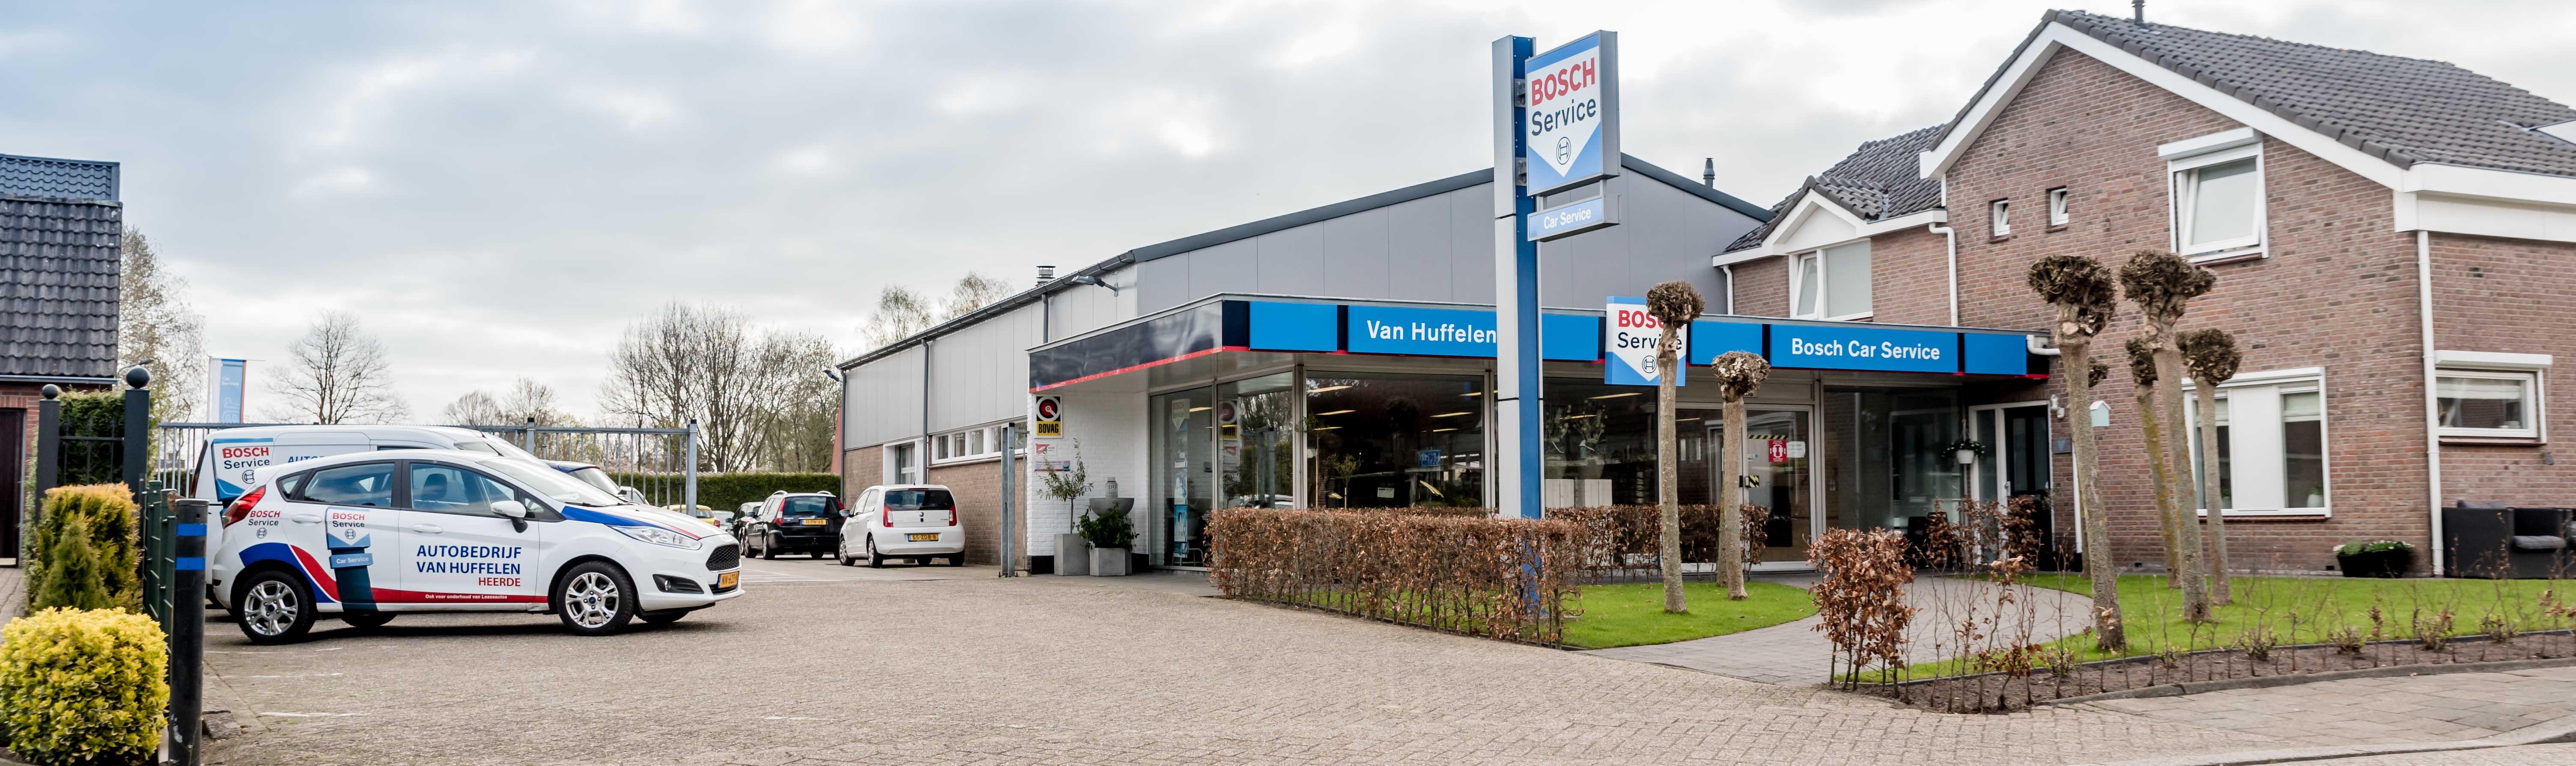 Huidige pand Autobedrijf van Huffelen